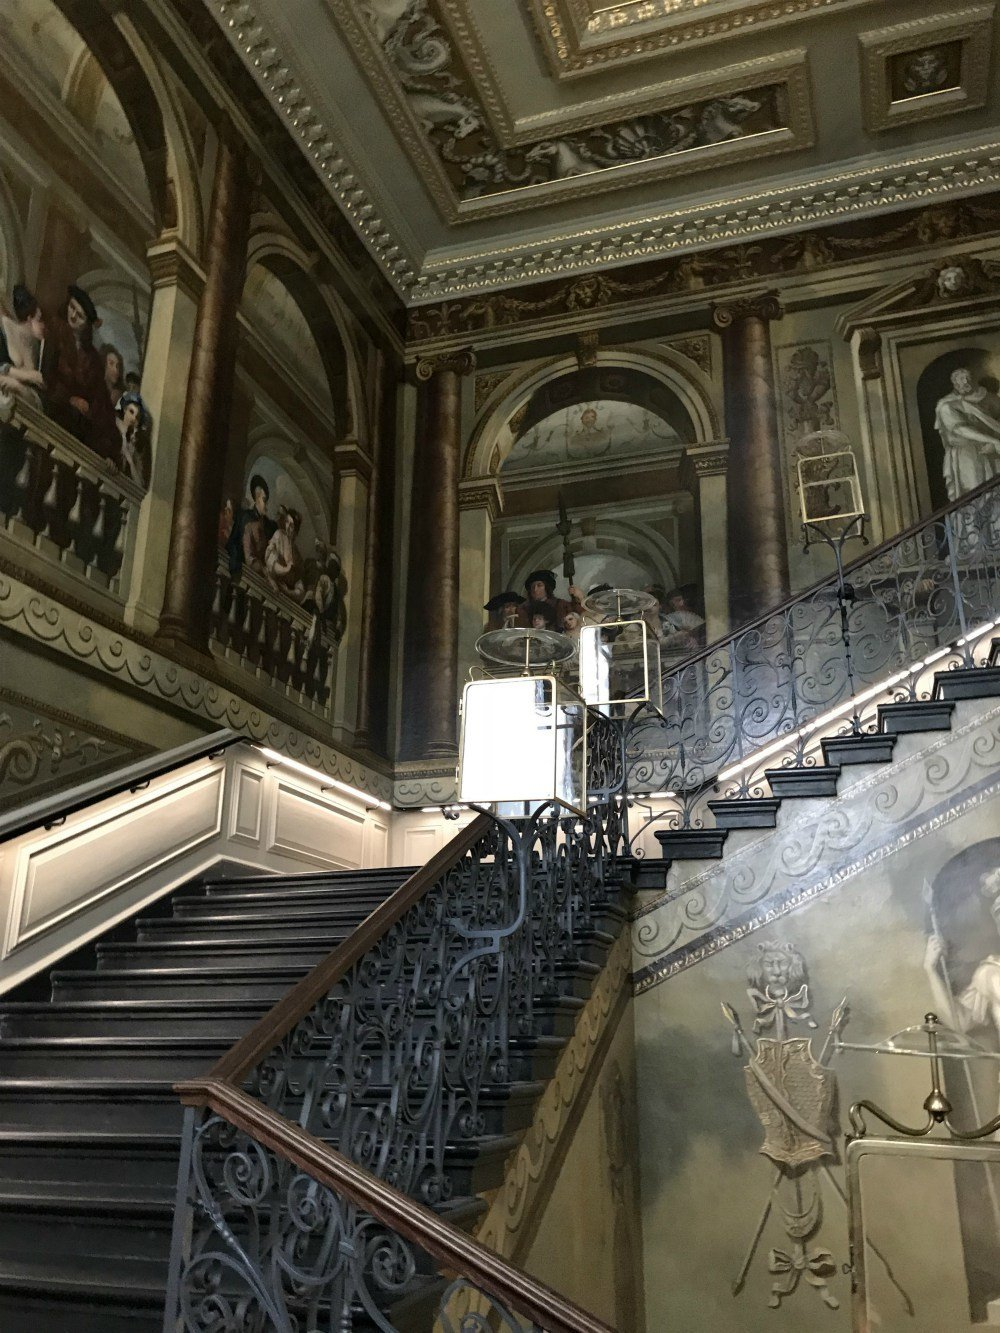 Kings staircase at Kensington Palace, London